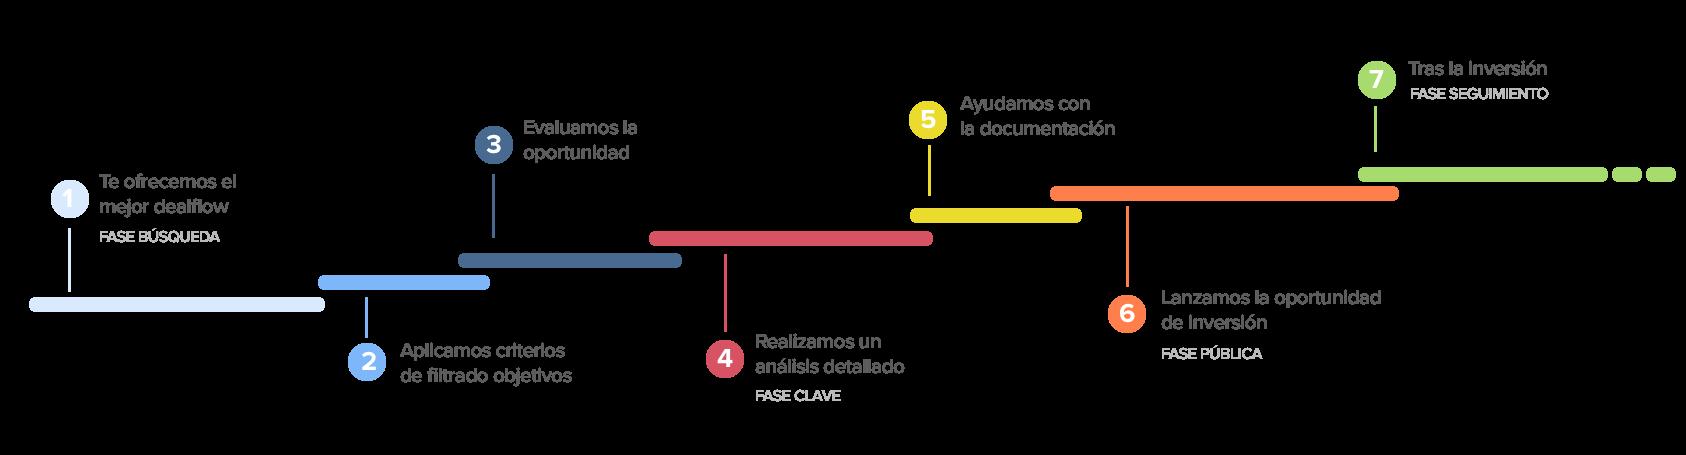 Proceso de análisis de inversiones en StartupXplore